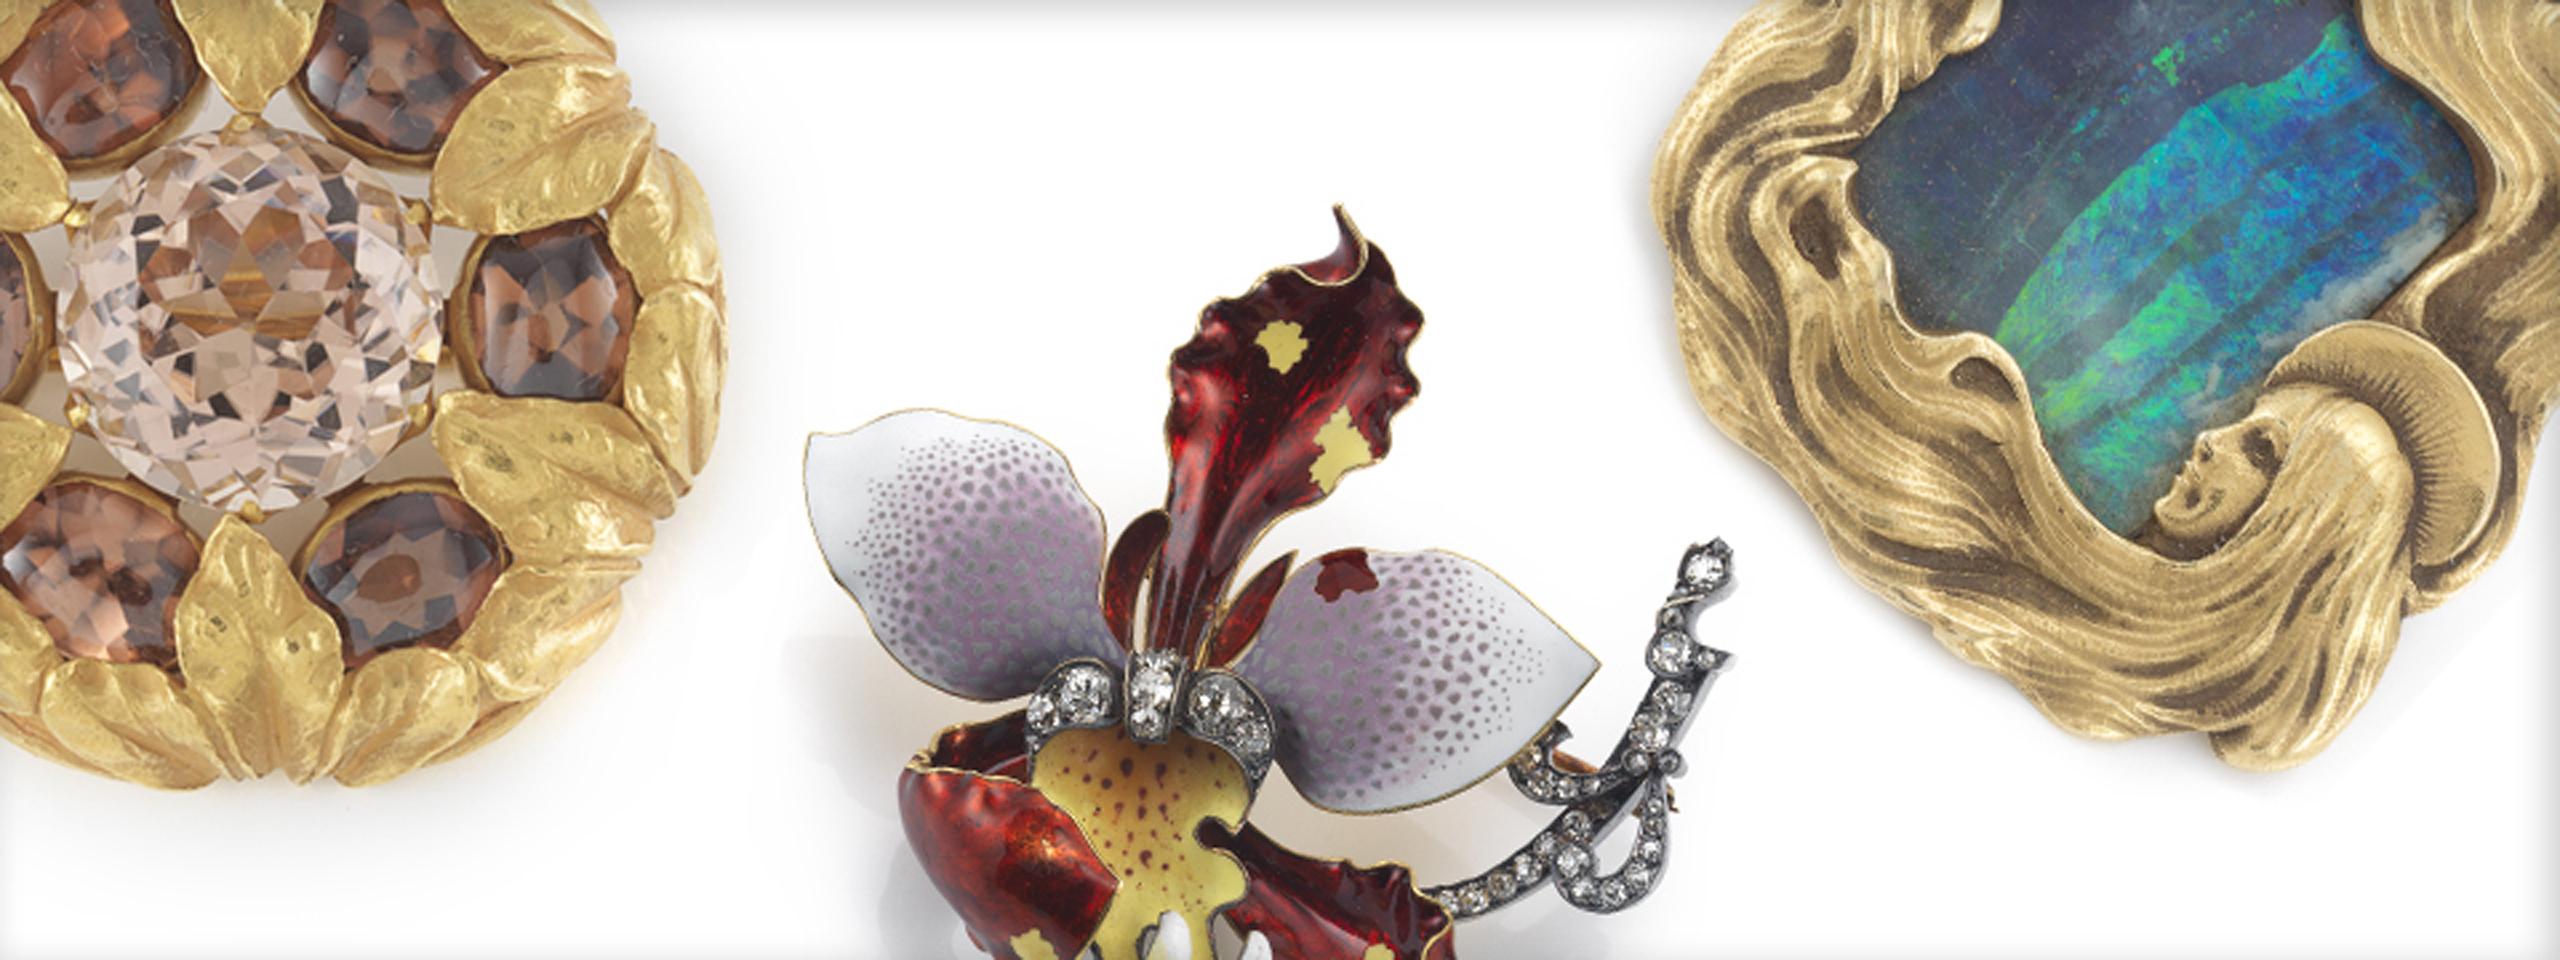 Gilded NY jewelry